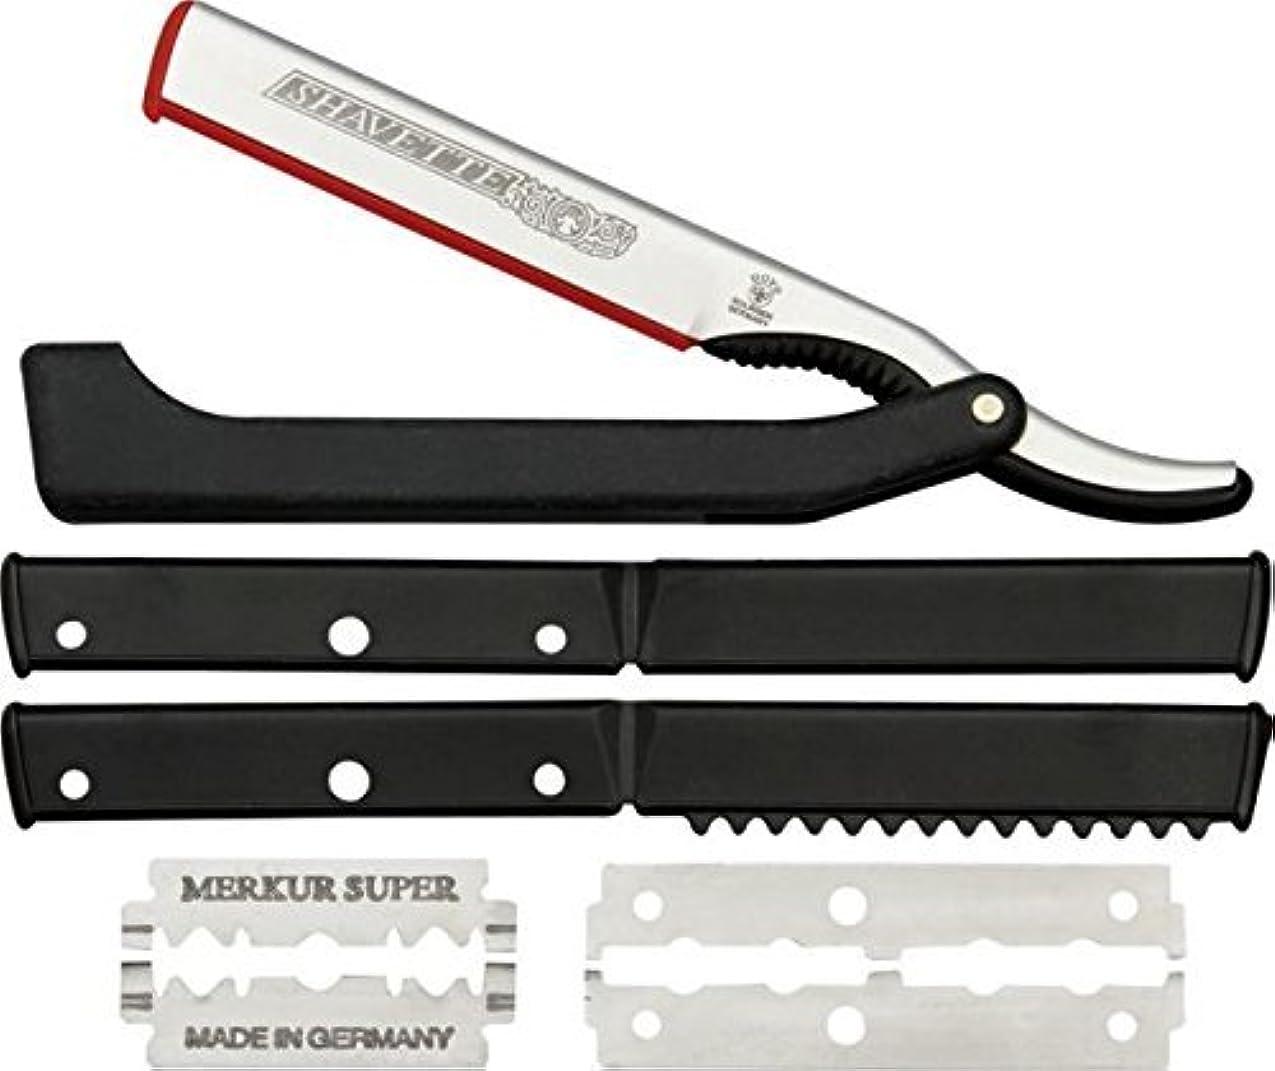 集団的ブランチうれしいDOVO Solingen - Shavette, straight edge razor, changeable blade, 201081